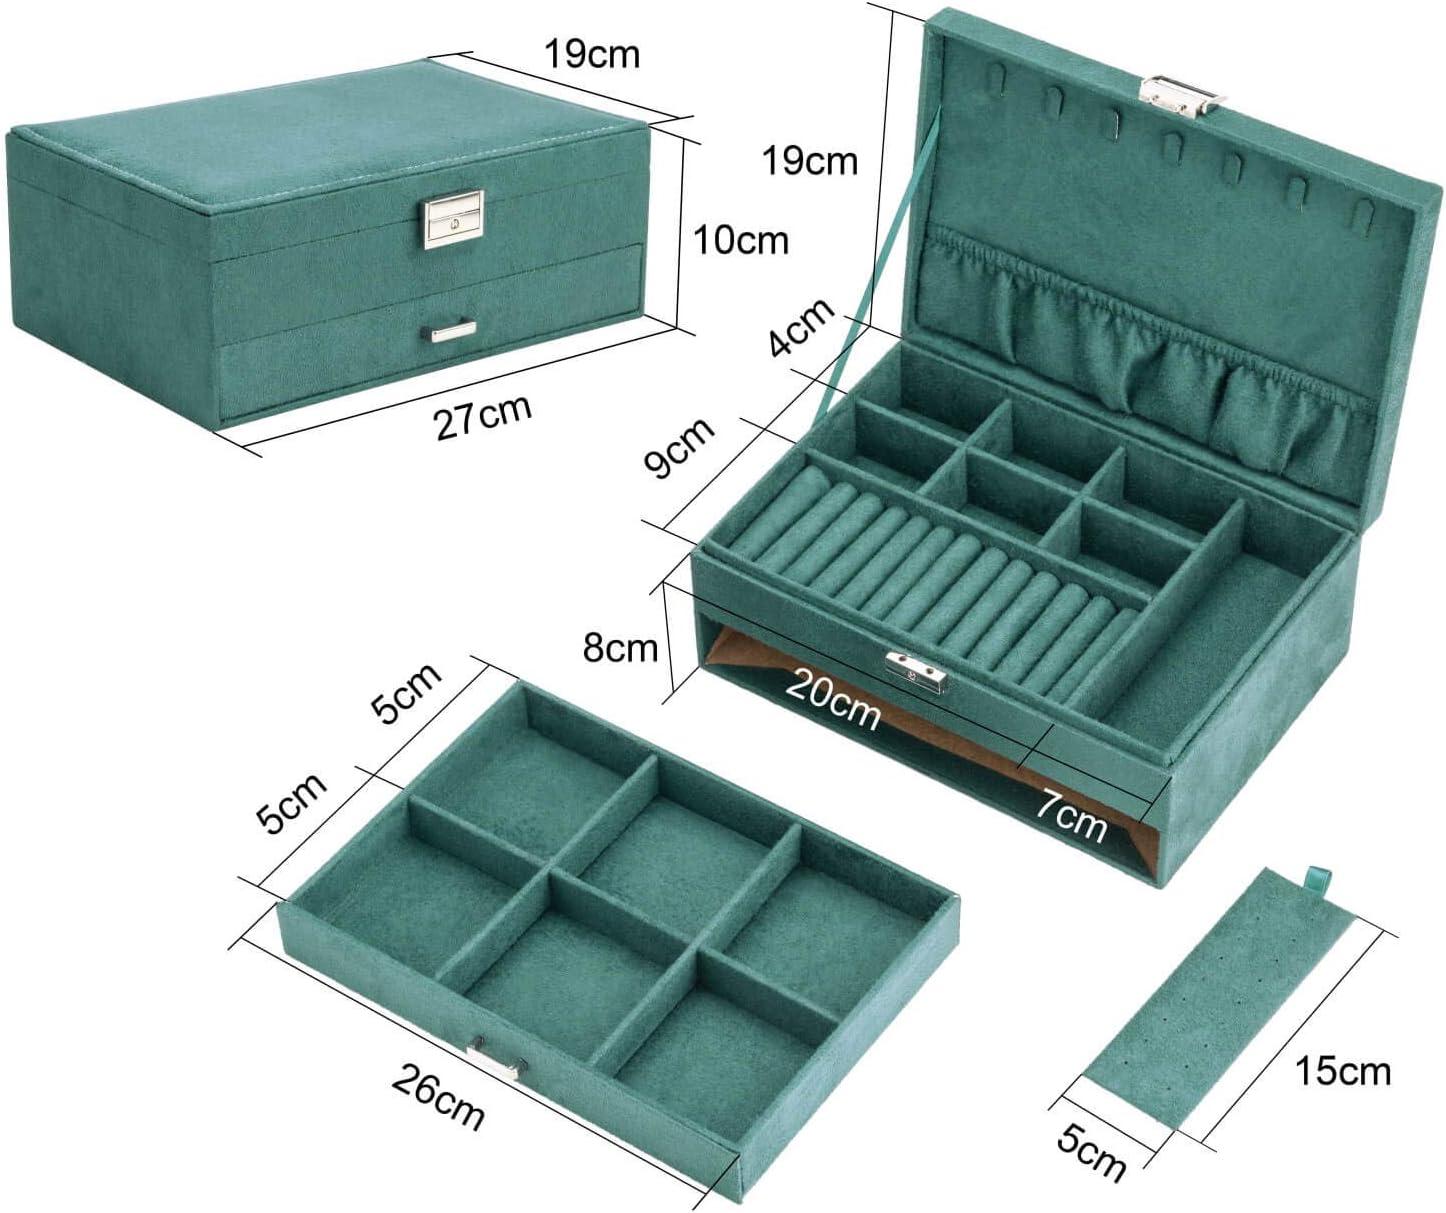 27 * 19 * 10cm Amasava Bo/îte /à Bijoux Velvet avec tiroir Retro Green bo/îte /à Bijoux empilable Double Couche de Voyage